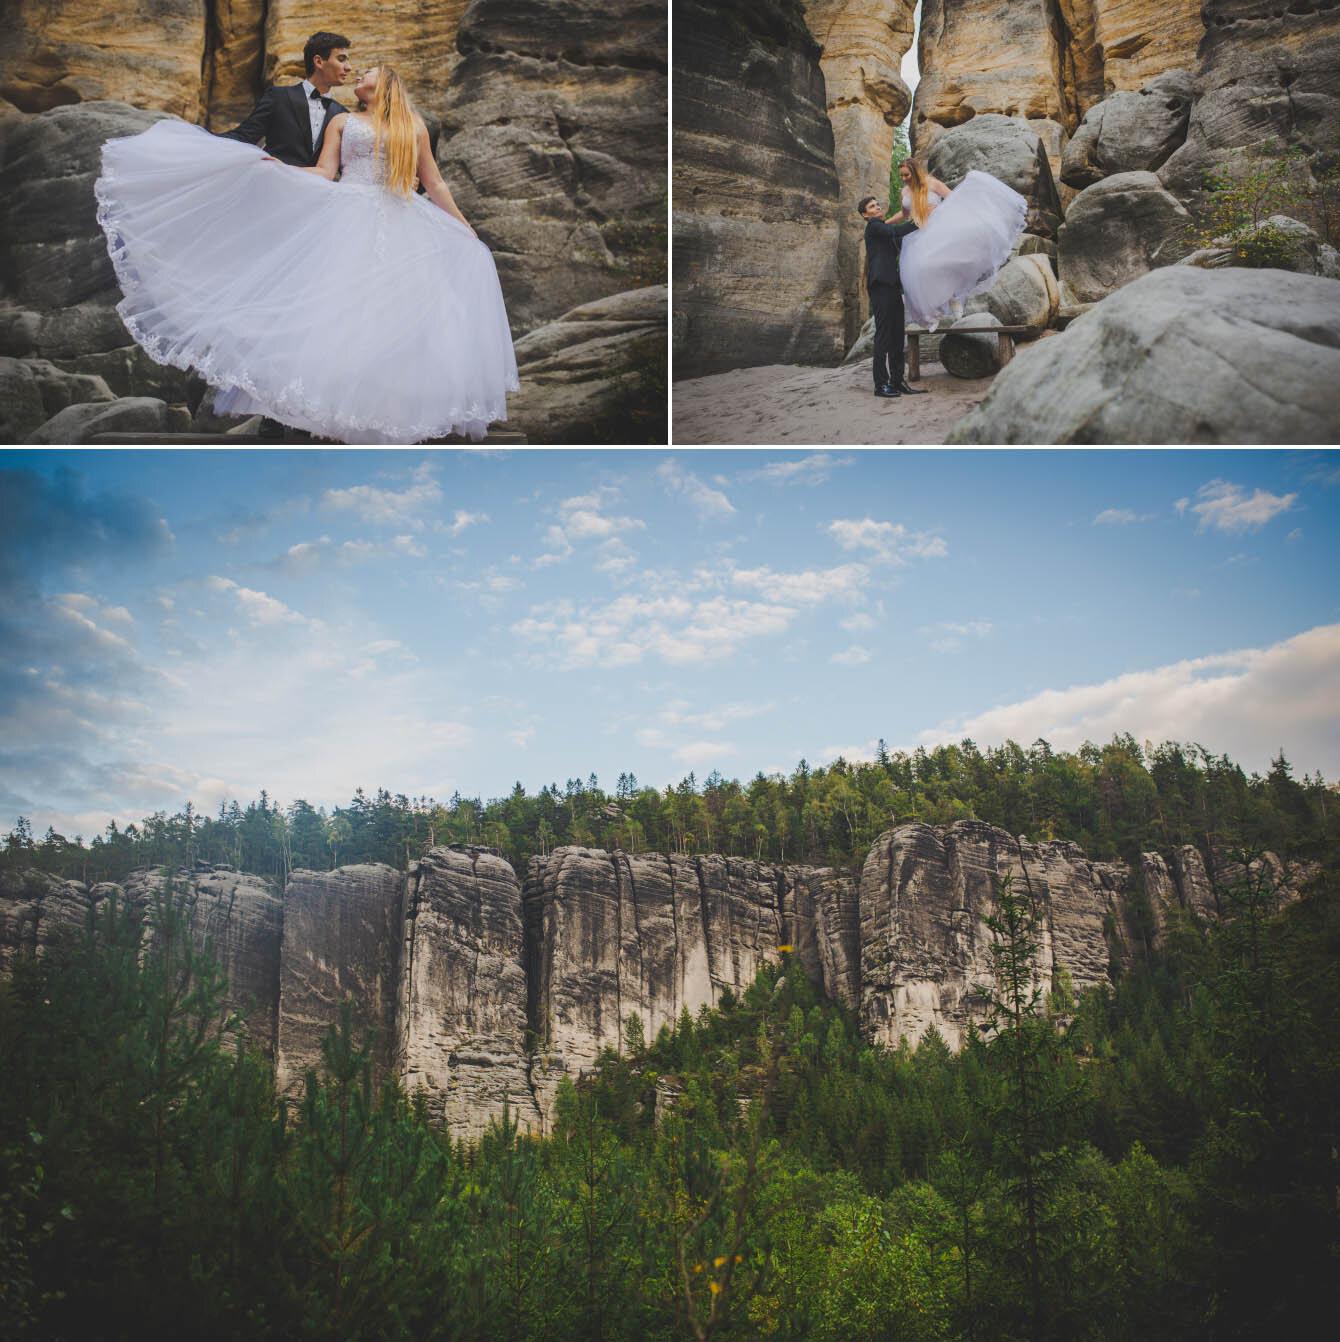 plener ślubny w skalnym miescie w czechach fotografie Bartek Wyrobek  10.jpg